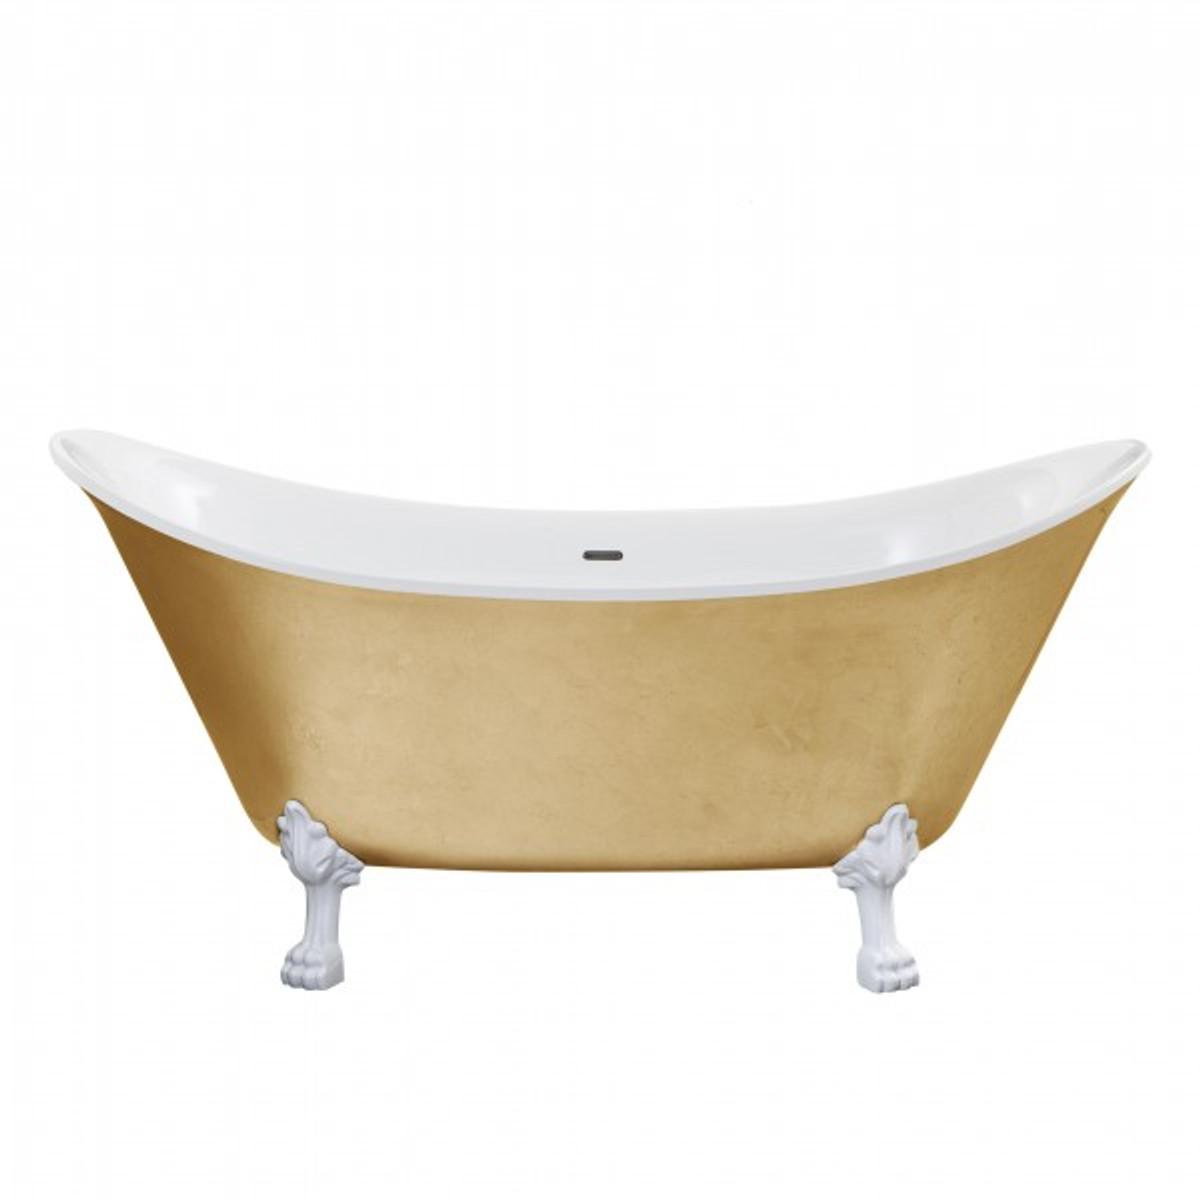 casa padrino nouveau bain detache modele gold he lyd 1730mm baignoire antique retro individuelle style baroque